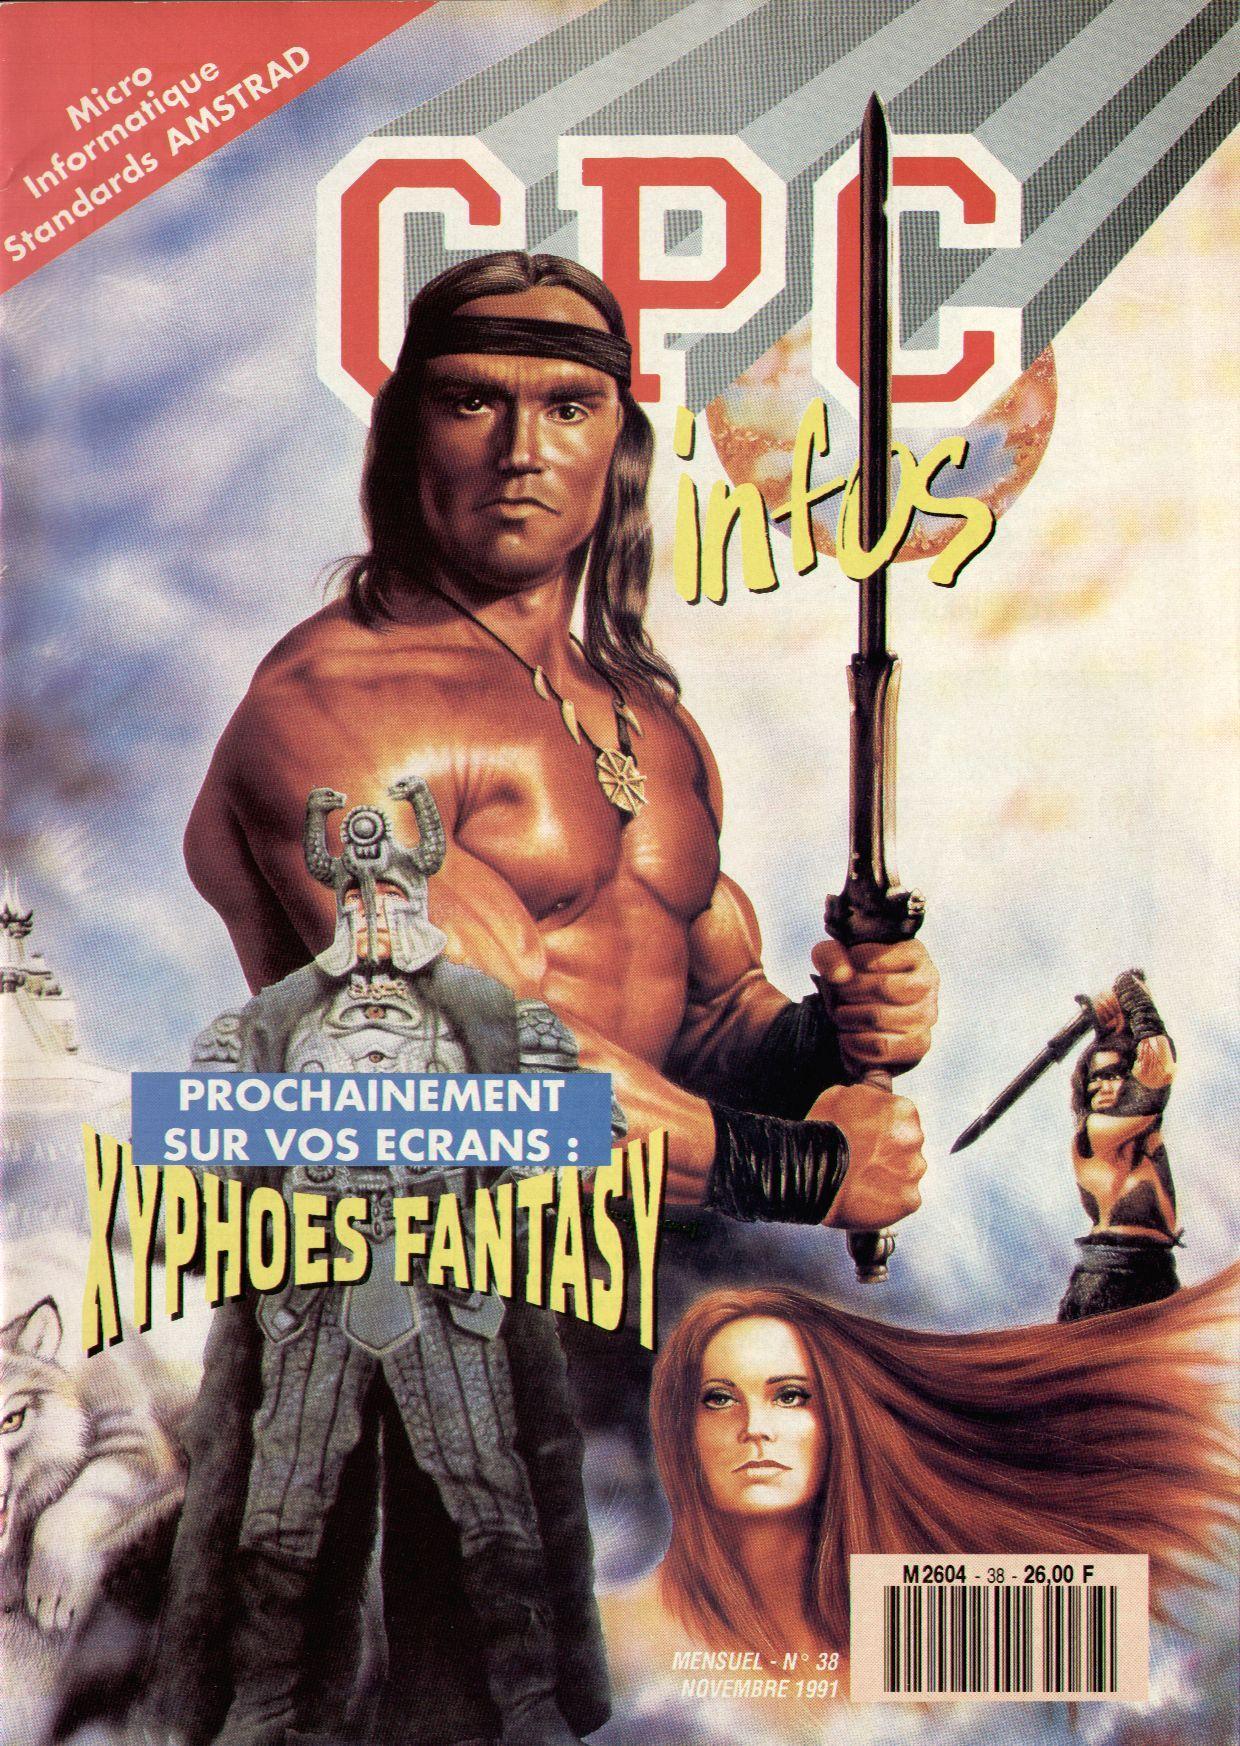 http://www.dizionariovideogiochi.it/lib/exe/fetch.php?cache=&media=luglio11:xyphoes_fantasy_-_pubblicita_-_01.jpg